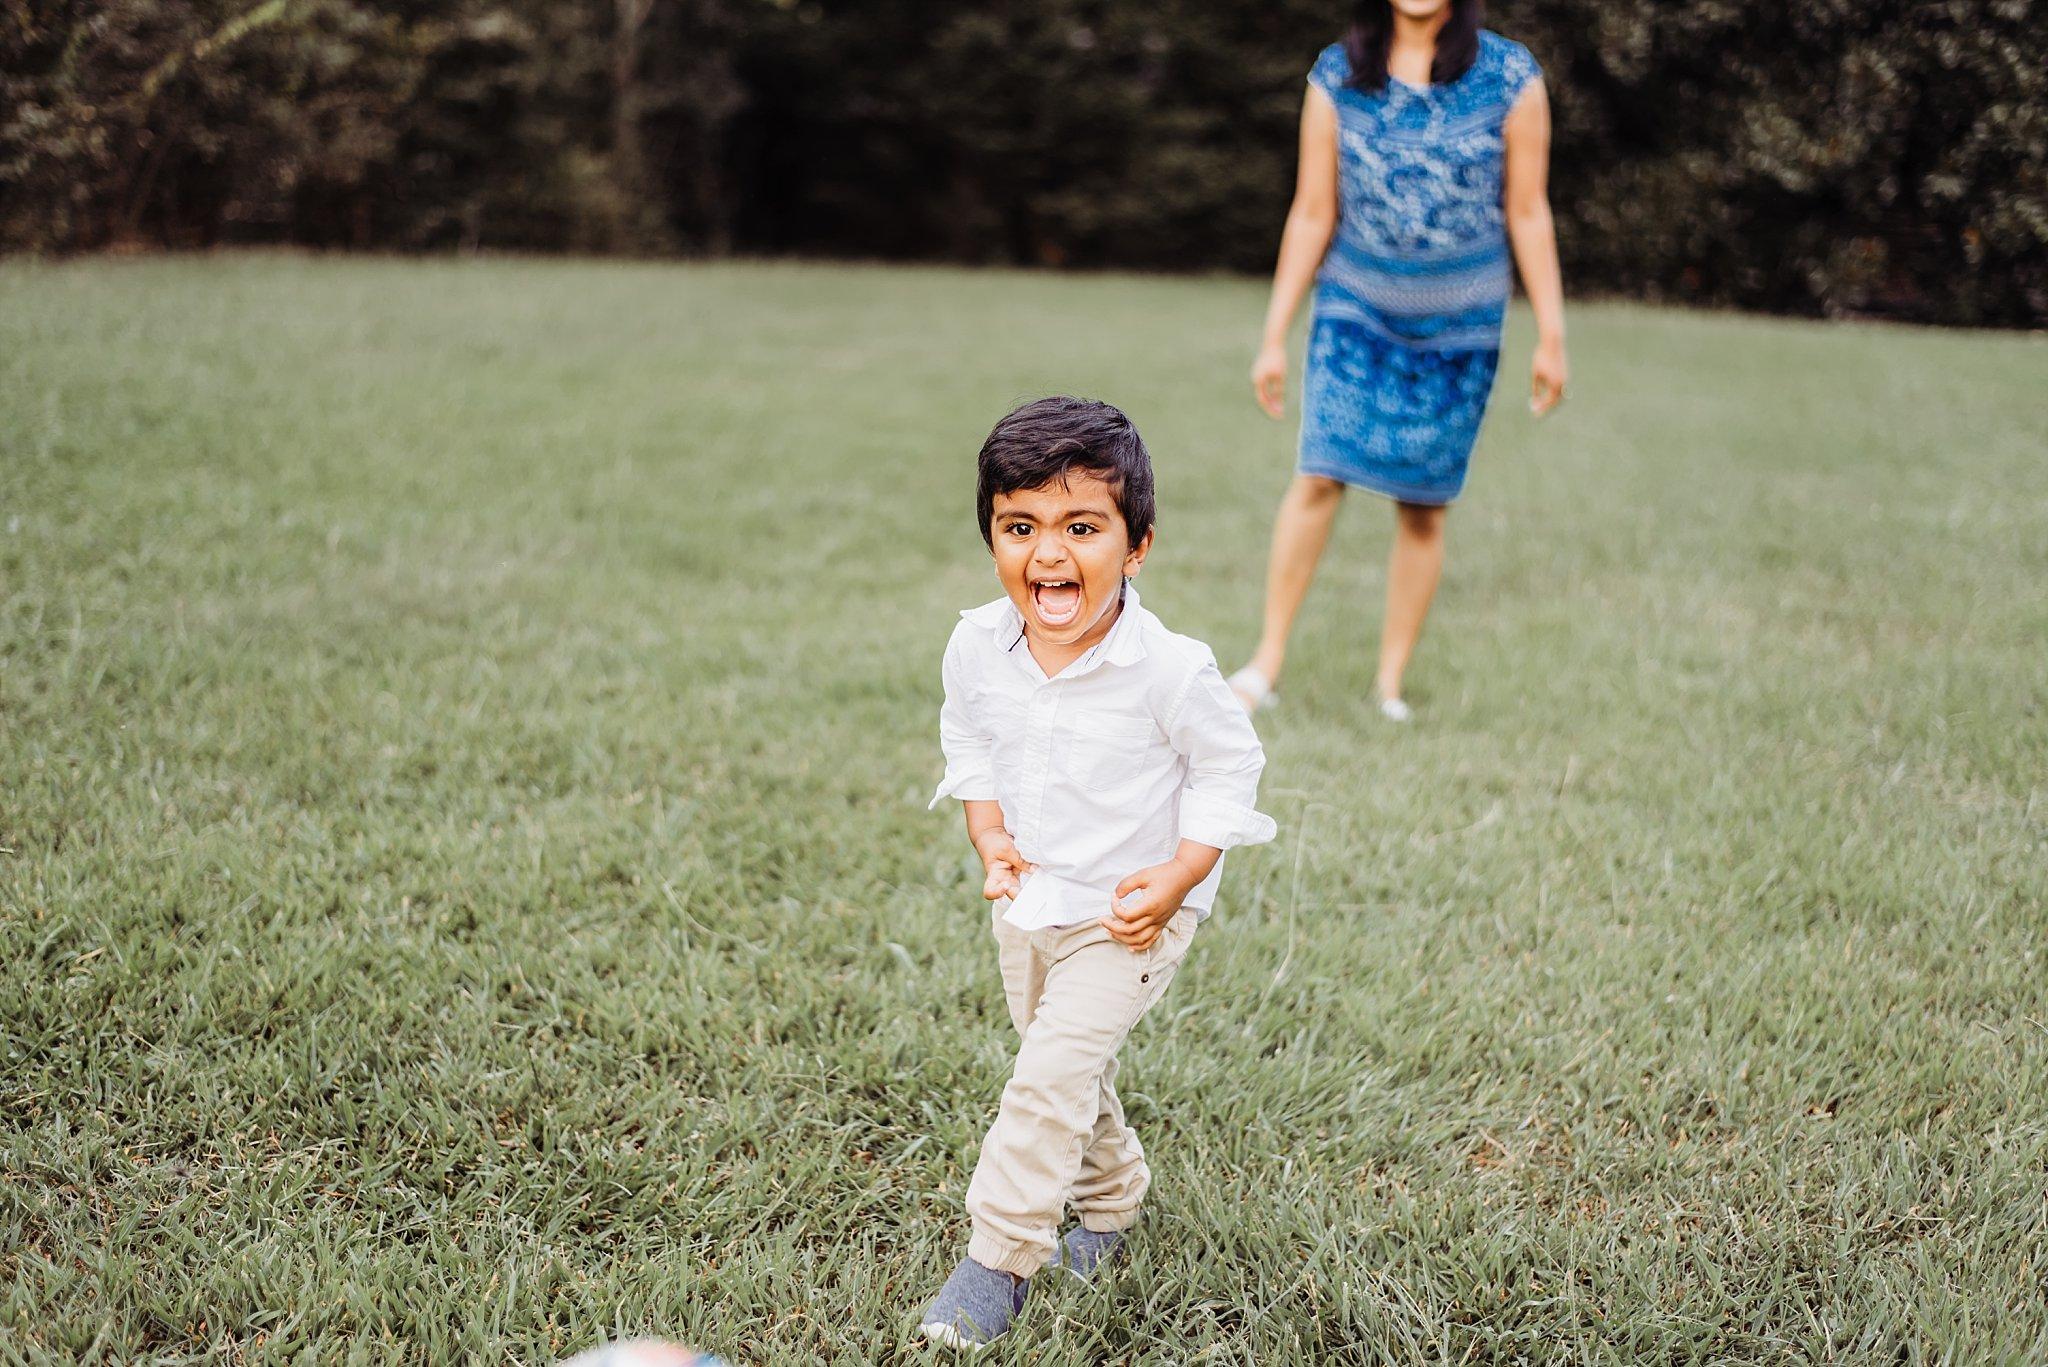 toddler boy laughing and kicking ball